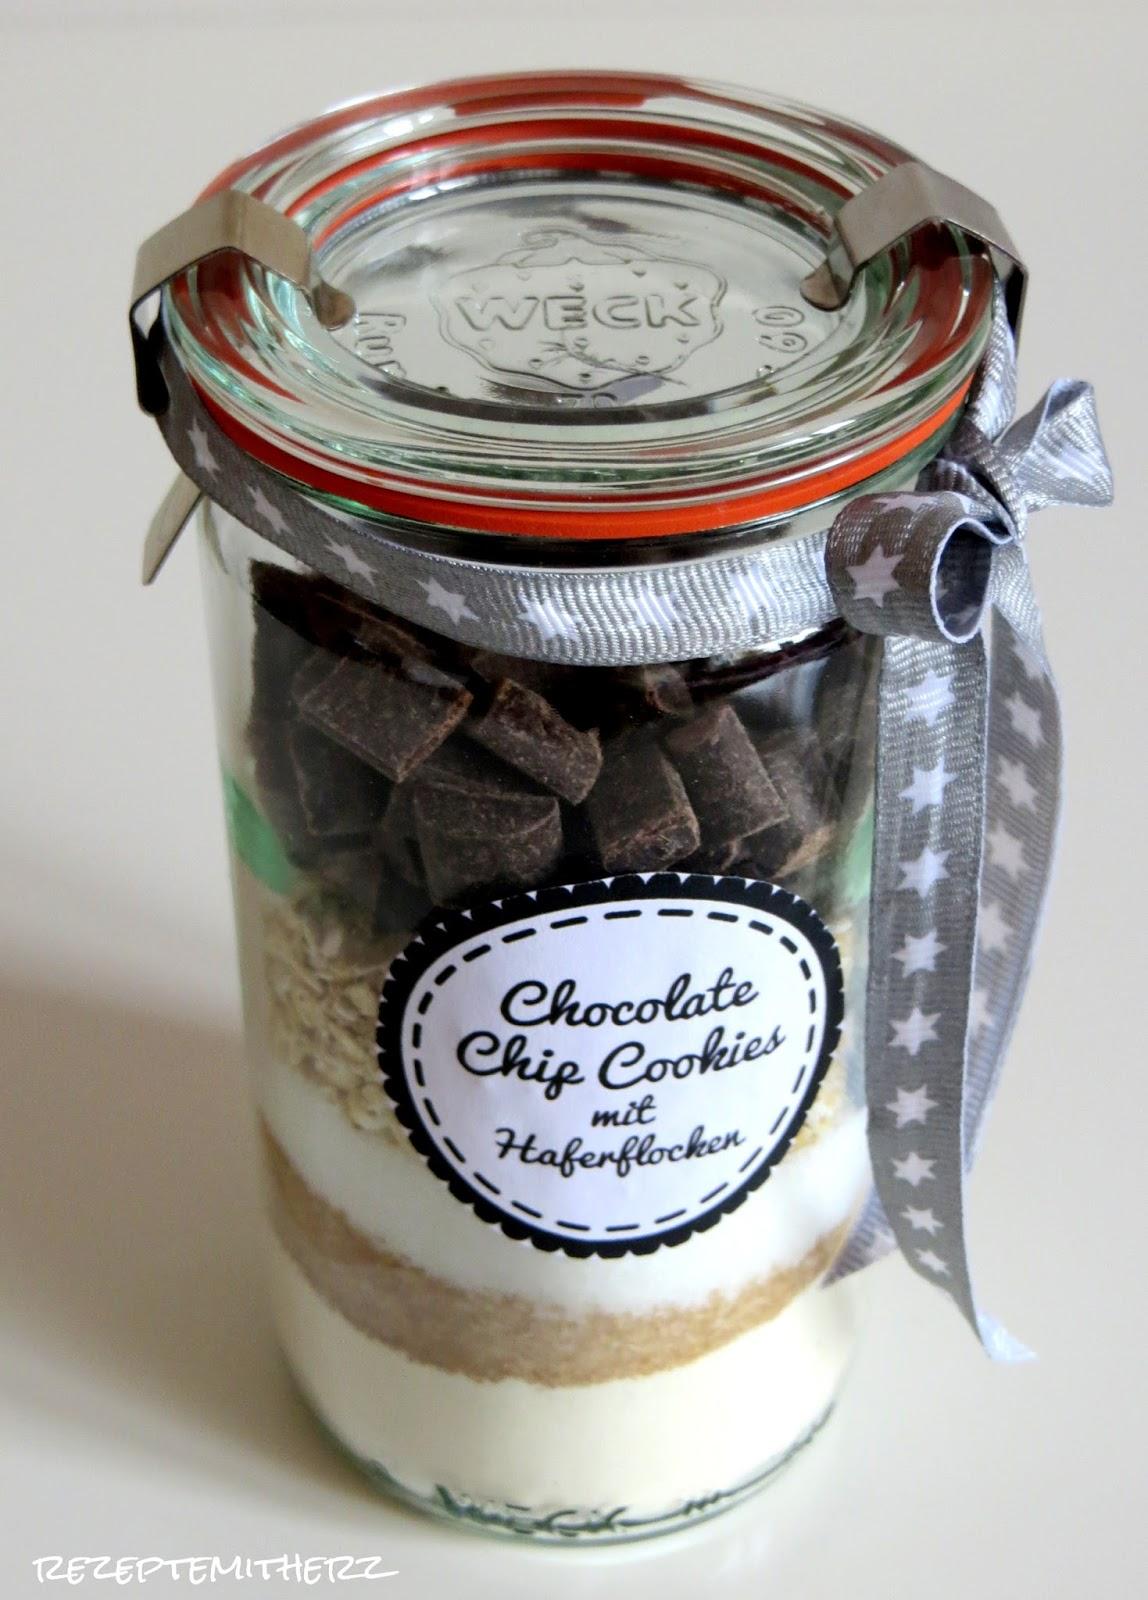 rezepte mit herz backmischung im glas chocolate chip cookies mit haferflocken. Black Bedroom Furniture Sets. Home Design Ideas